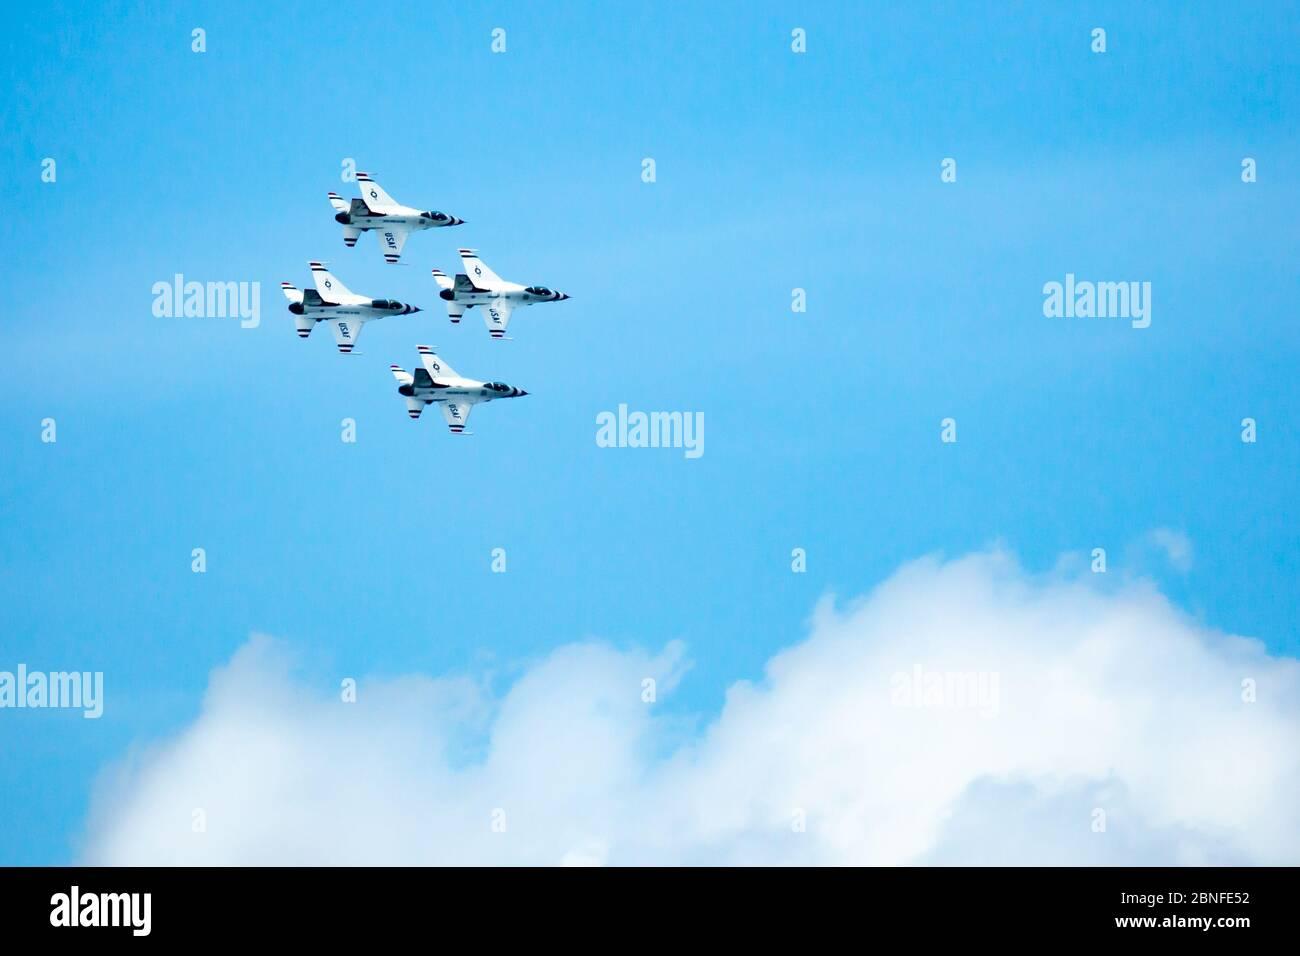 Sioux Falls, SD, USA 17 agosto 2019 Air Show con l'US Air Force F16C Fighting Falcons, Thunderbirds in un cielo blu con spazio di copia Foto Stock